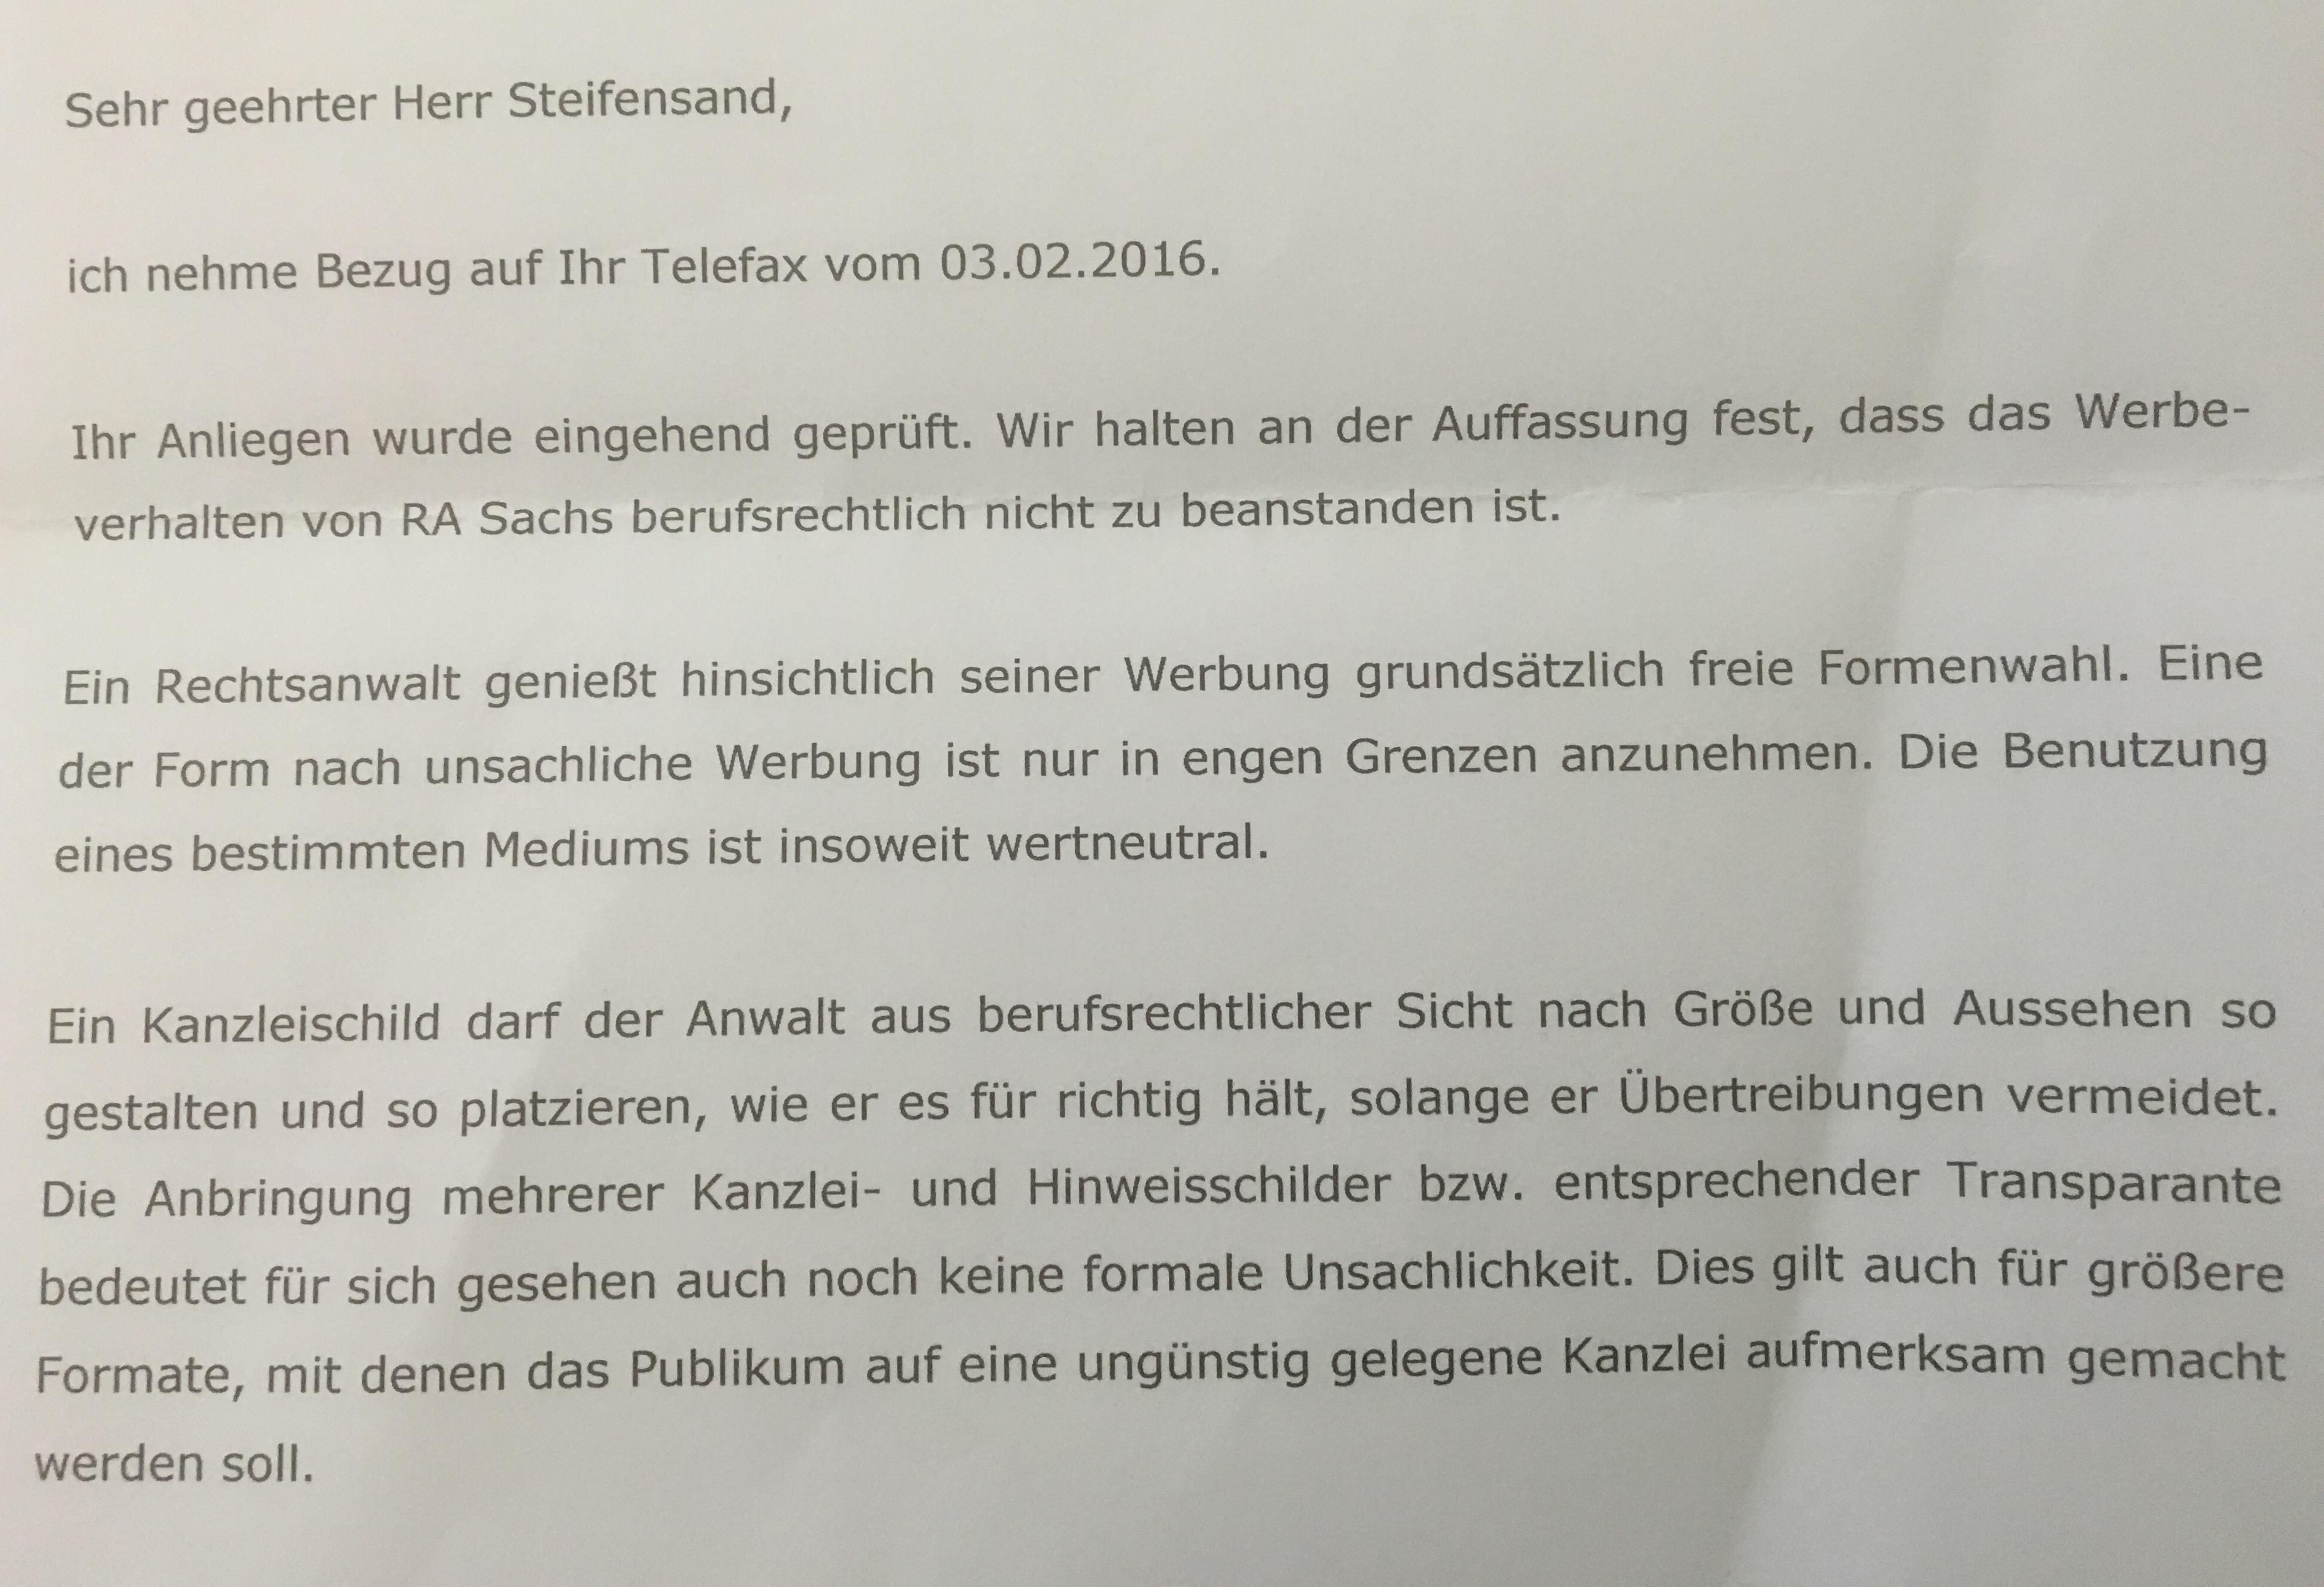 Werbung_fuer_Anwaelte_Rechtsanwaltskammer_Nuernberg_1